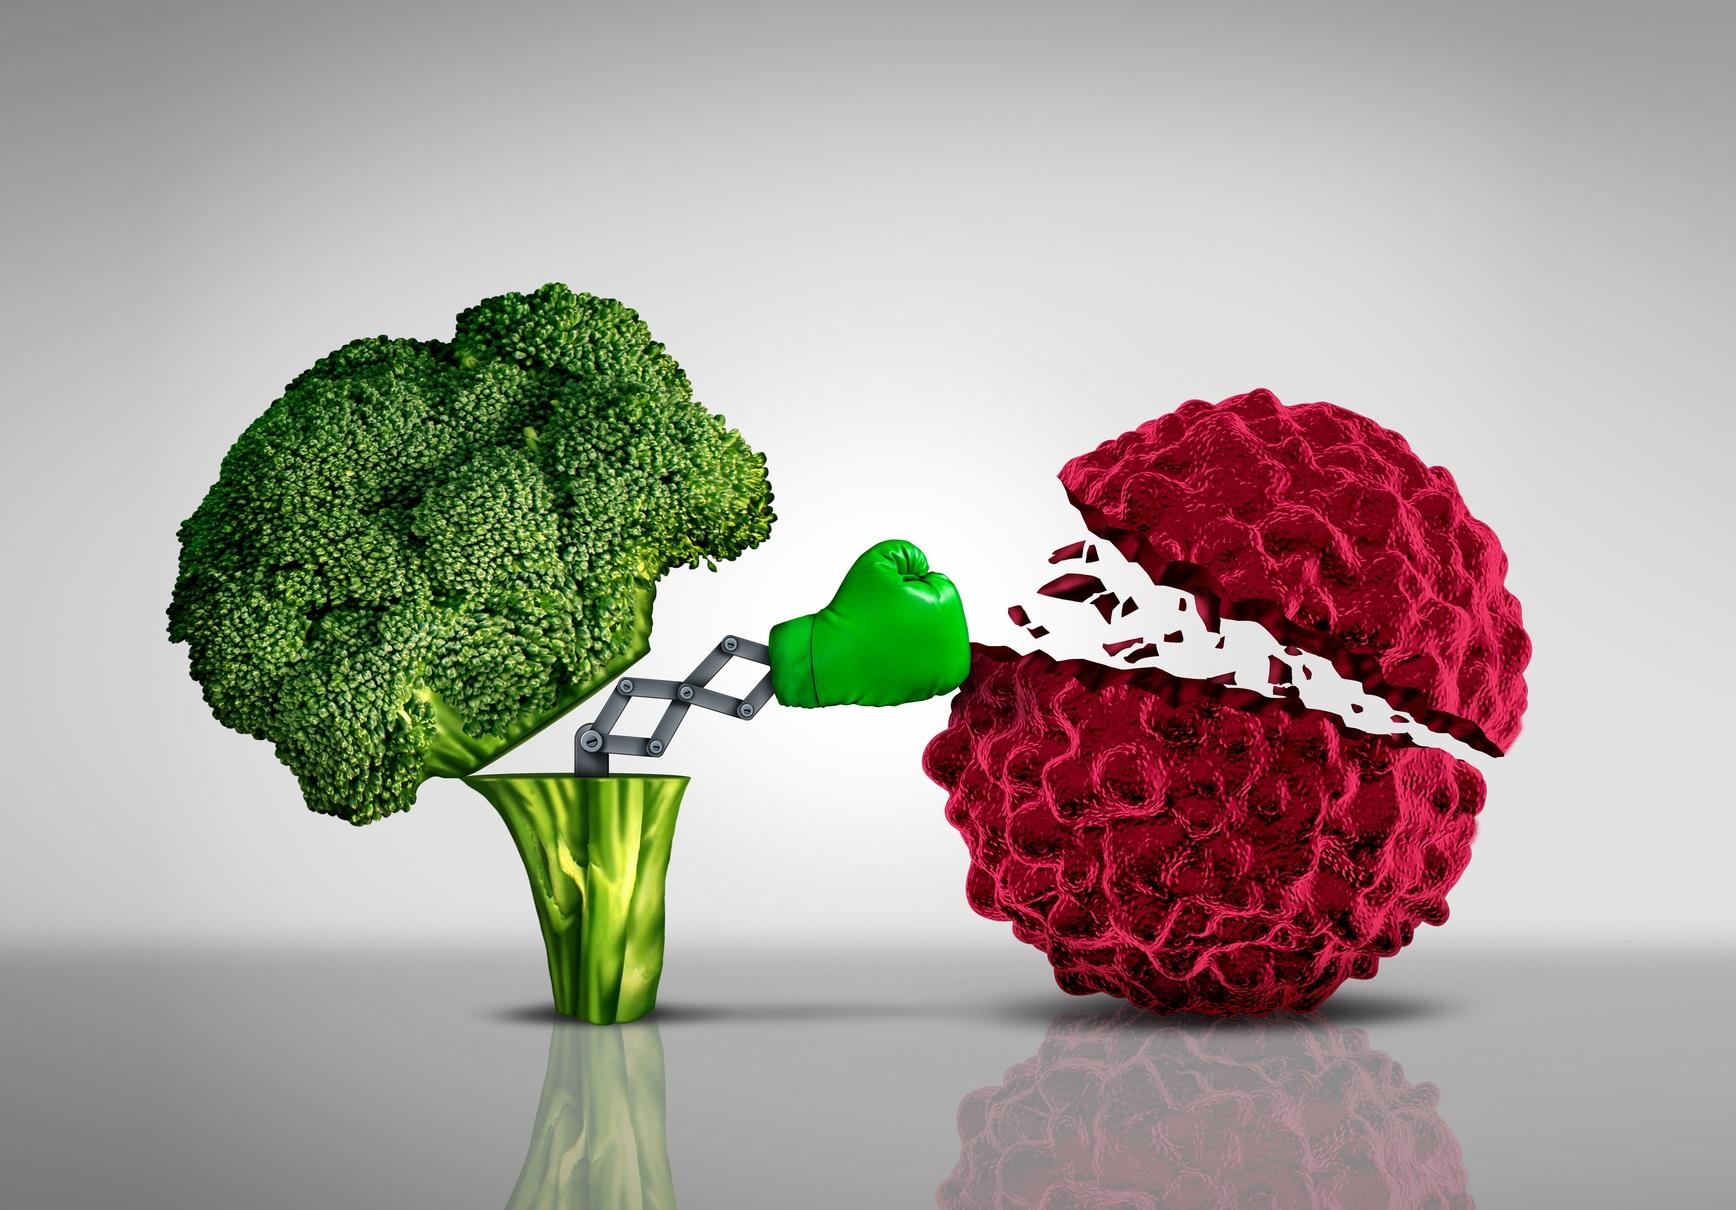 Cancer & diet